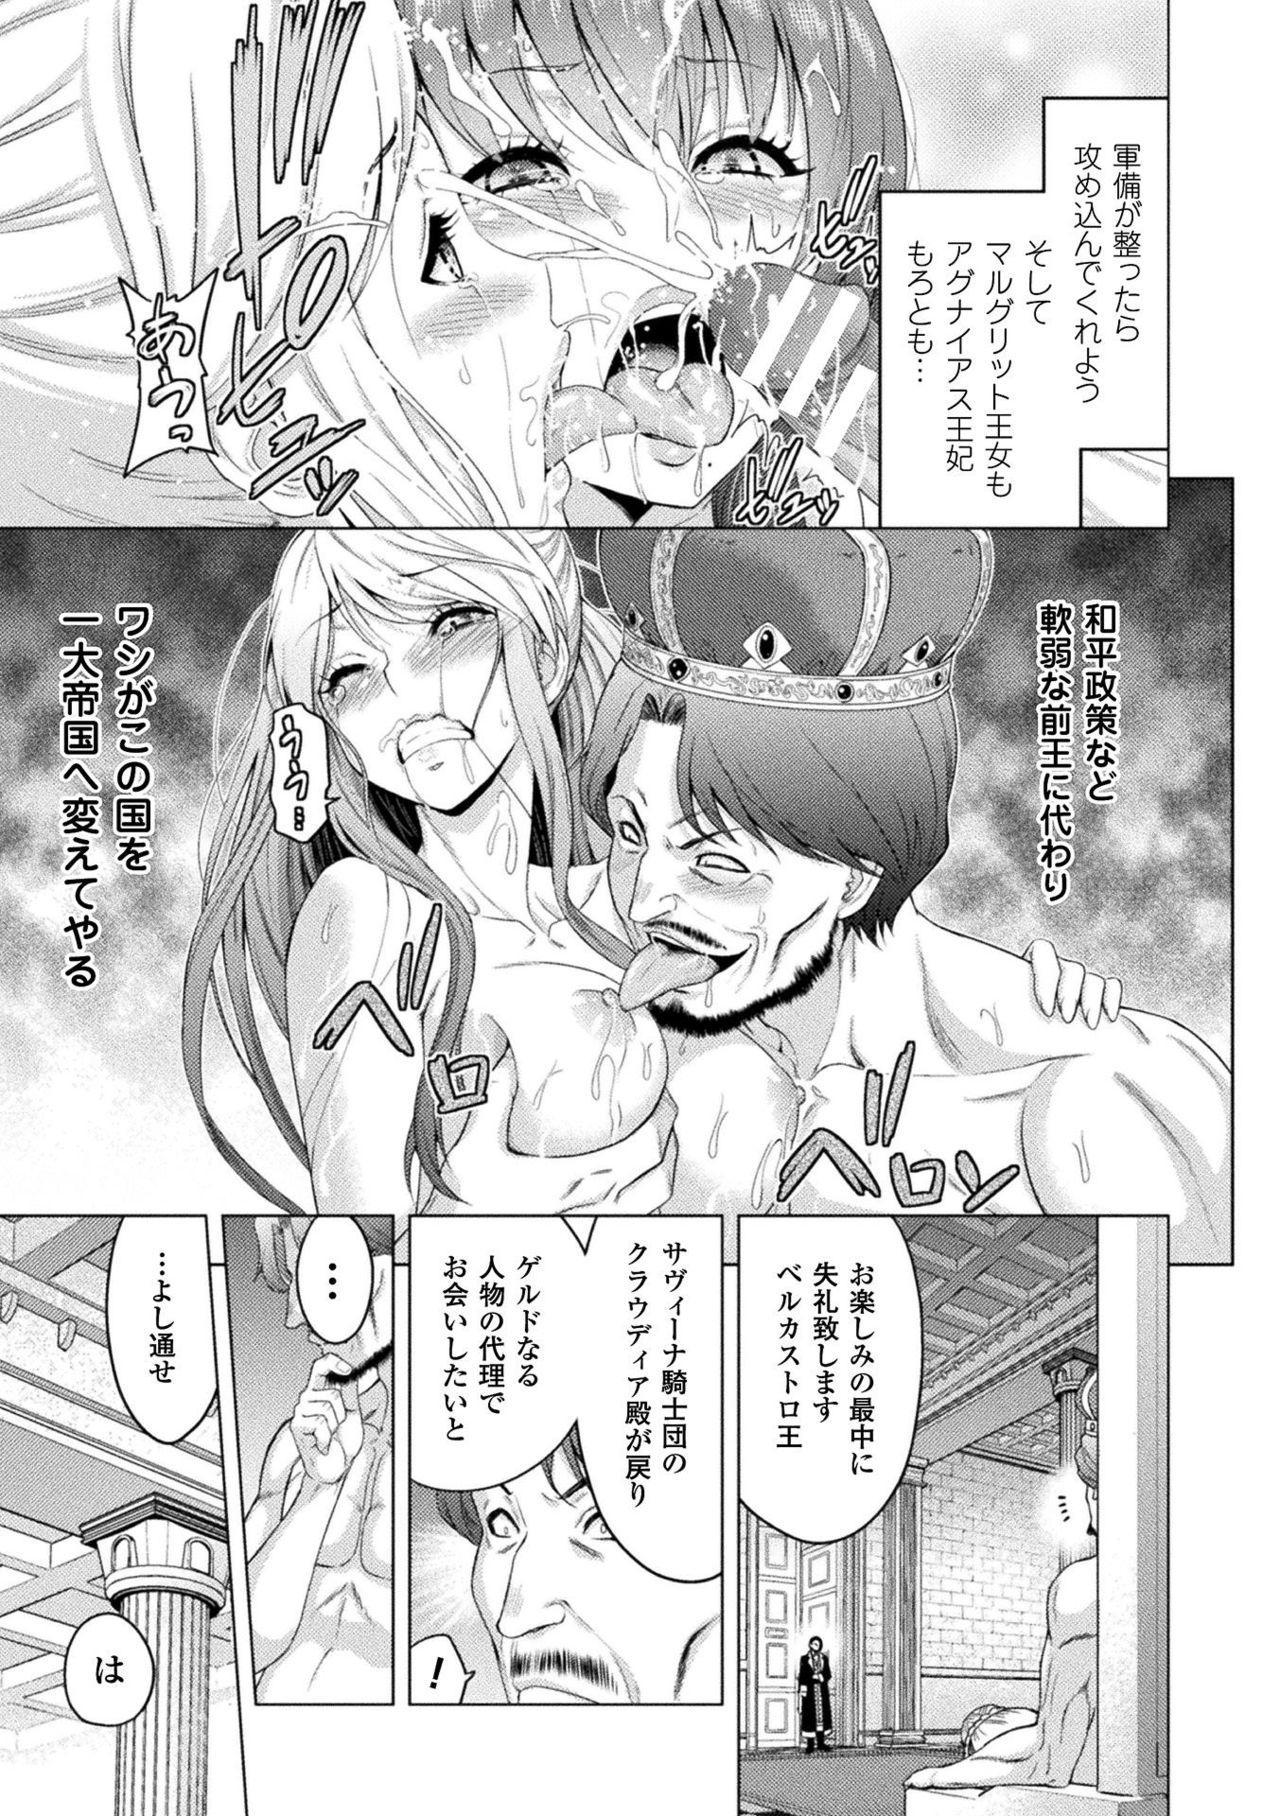 ERONA Orc no Inmon ni Okasareta Onna Kishi no Matsuro Ch. 1-6 78